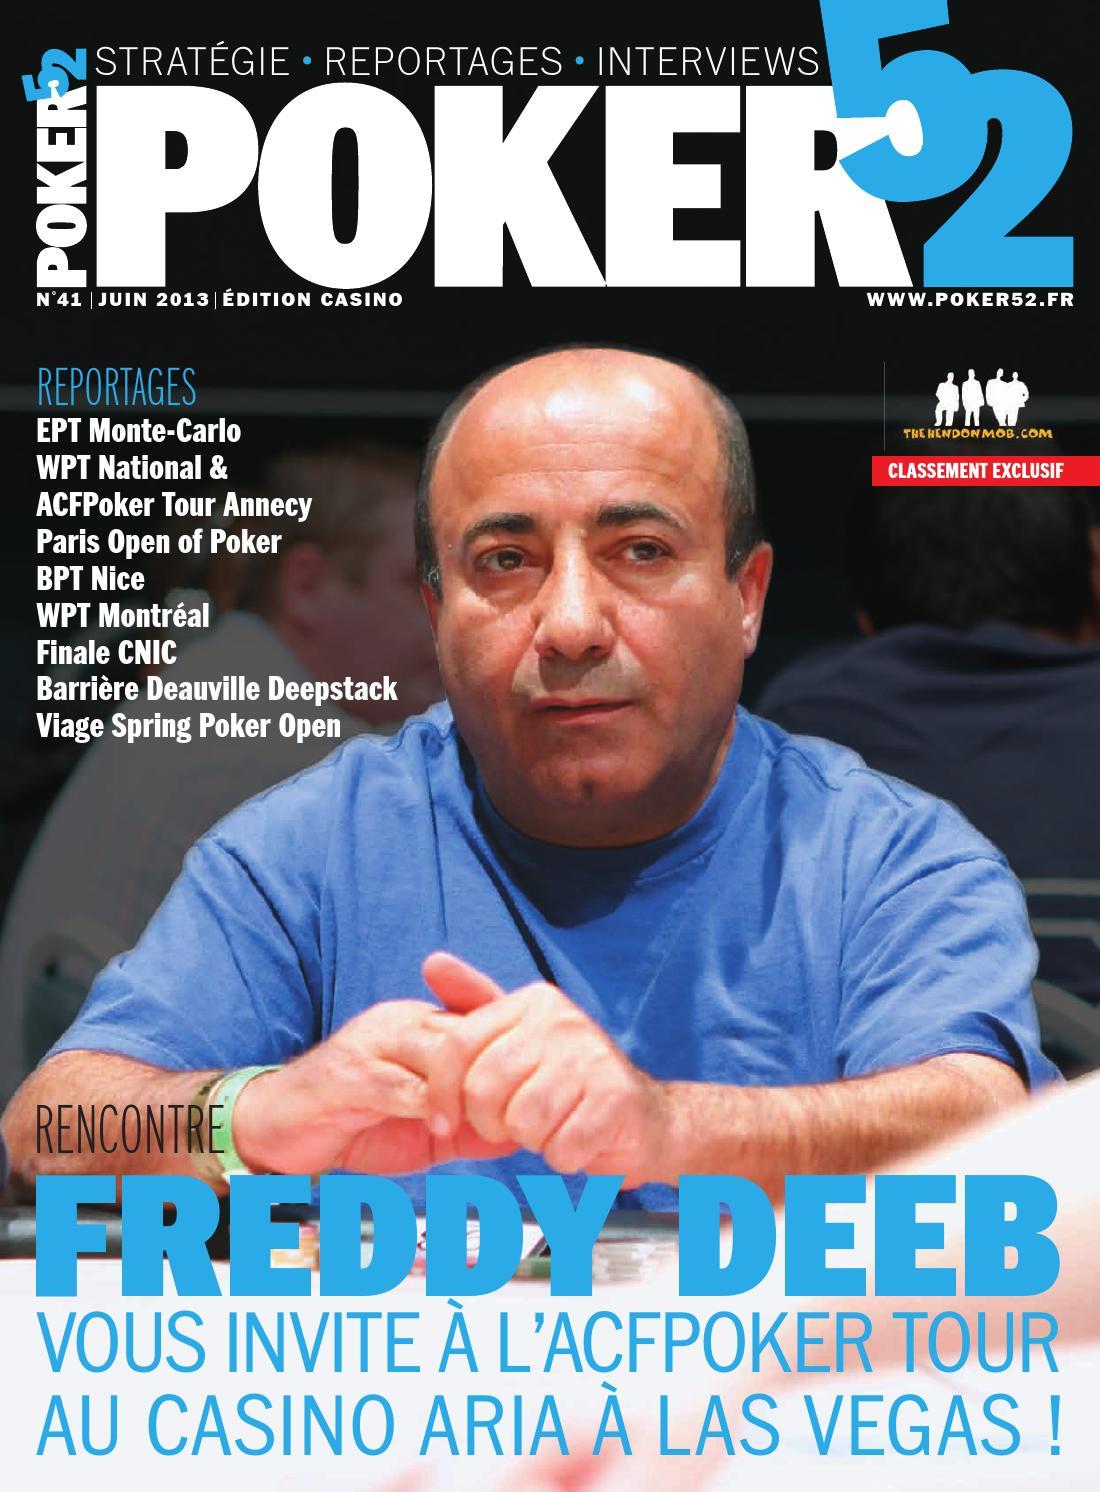 Pk52 n41 casino 150dpi by Poker52 - issuu